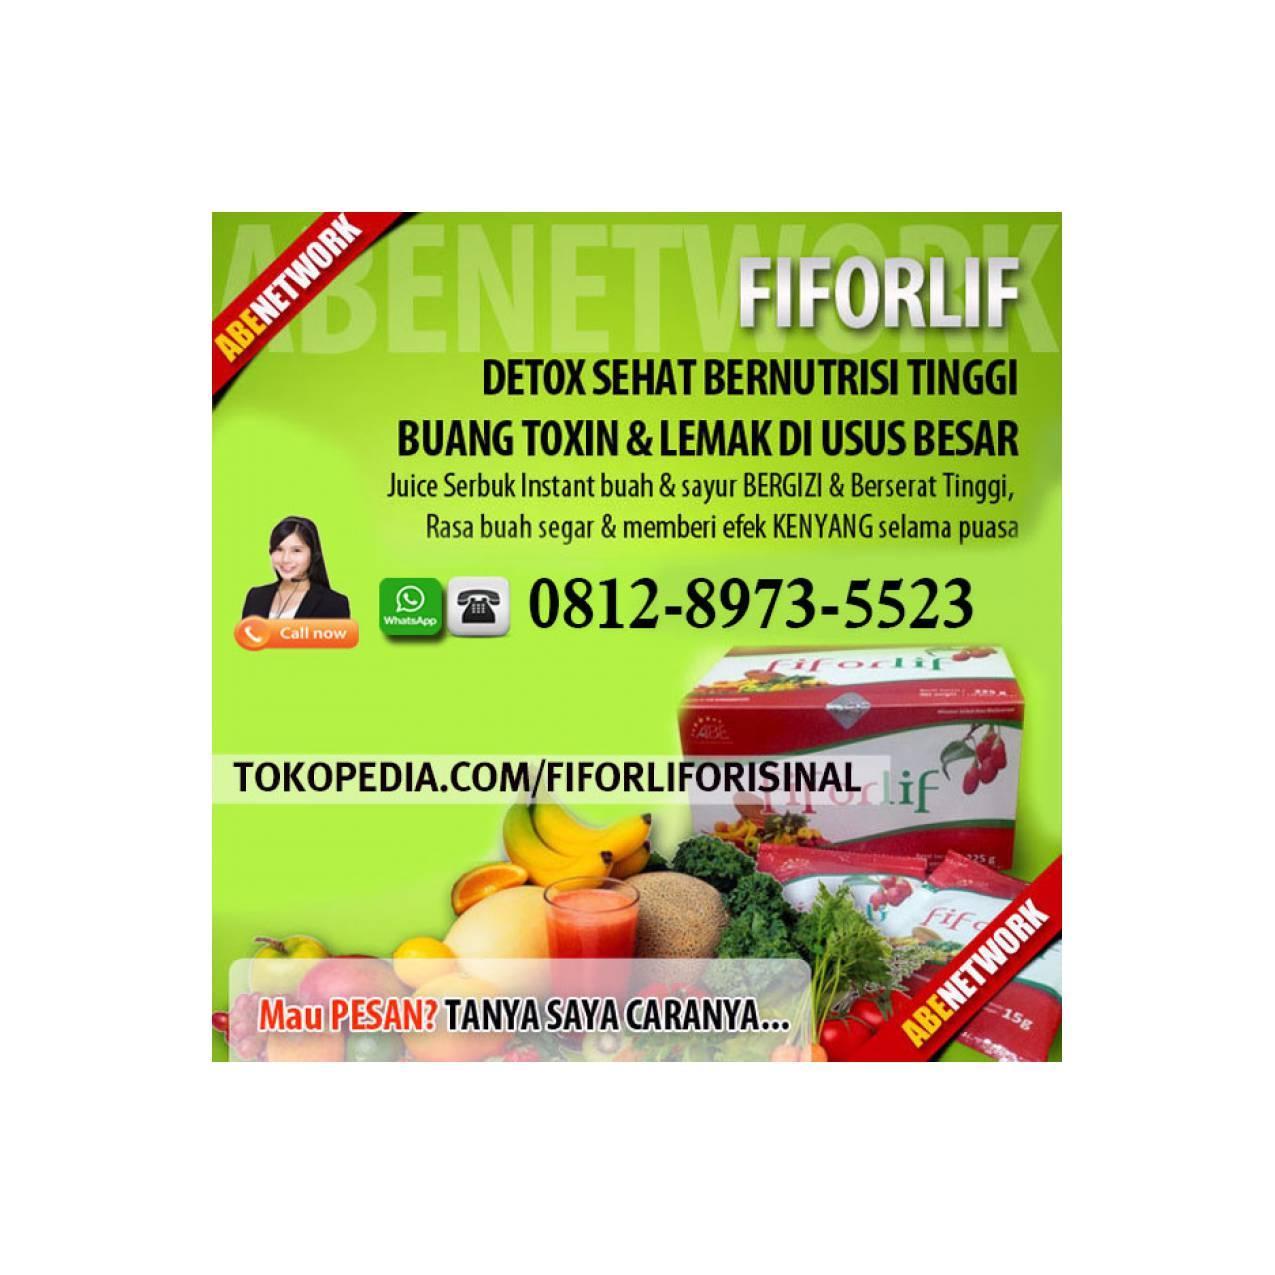 Jual Obat Pelangsing di Pontianak, Jual Obat Pelangsing Di Semarang